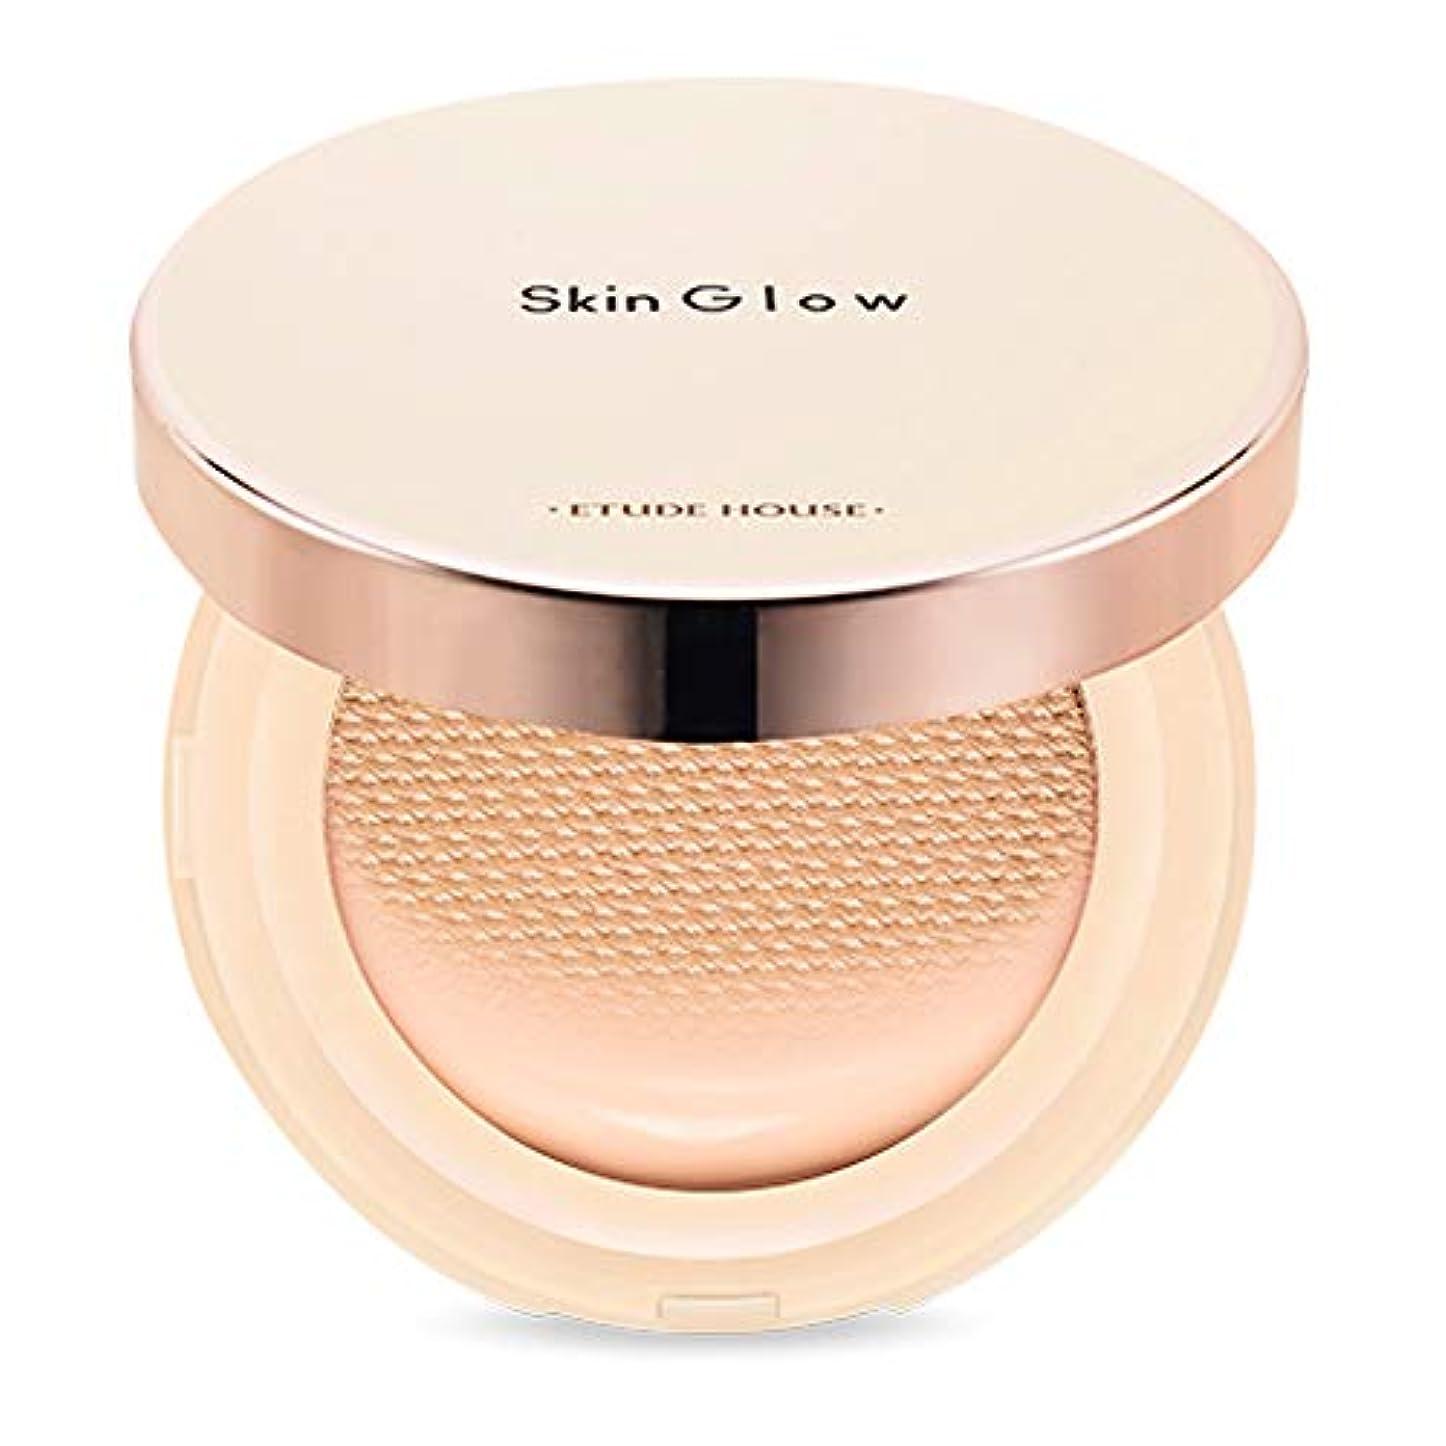 小さいぜいたく故国Etude House Skin Glow Essence Cushion SPF50+/PA++++ エチュードハウス スキン グロー エッセンス クッション (# N04 Neutral Beige) [並行輸入品]